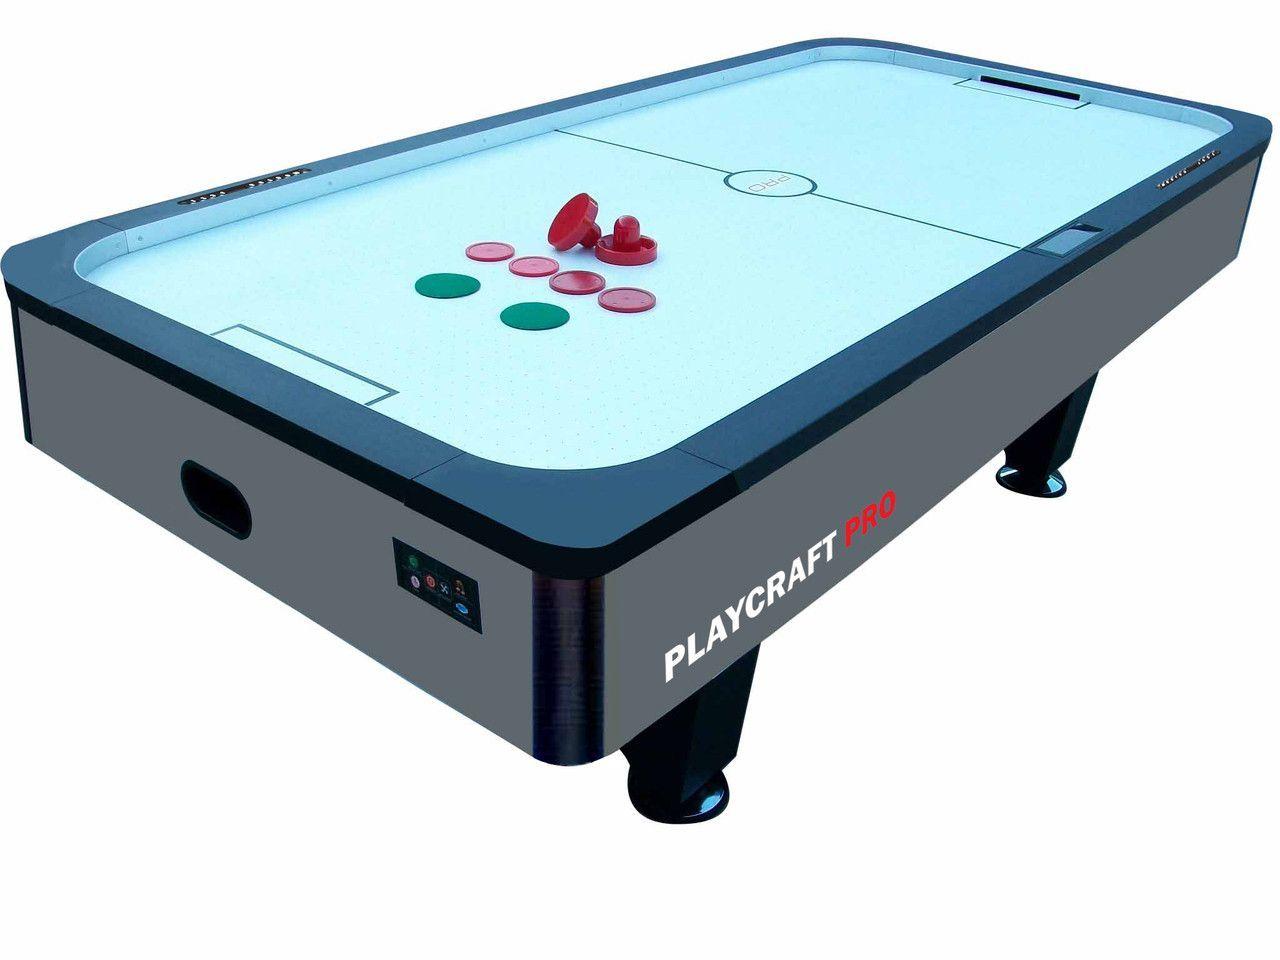 Playcraft Easton 2 Air Hockey Table Air Hockey Table Air Hockey Air Hockey Tables